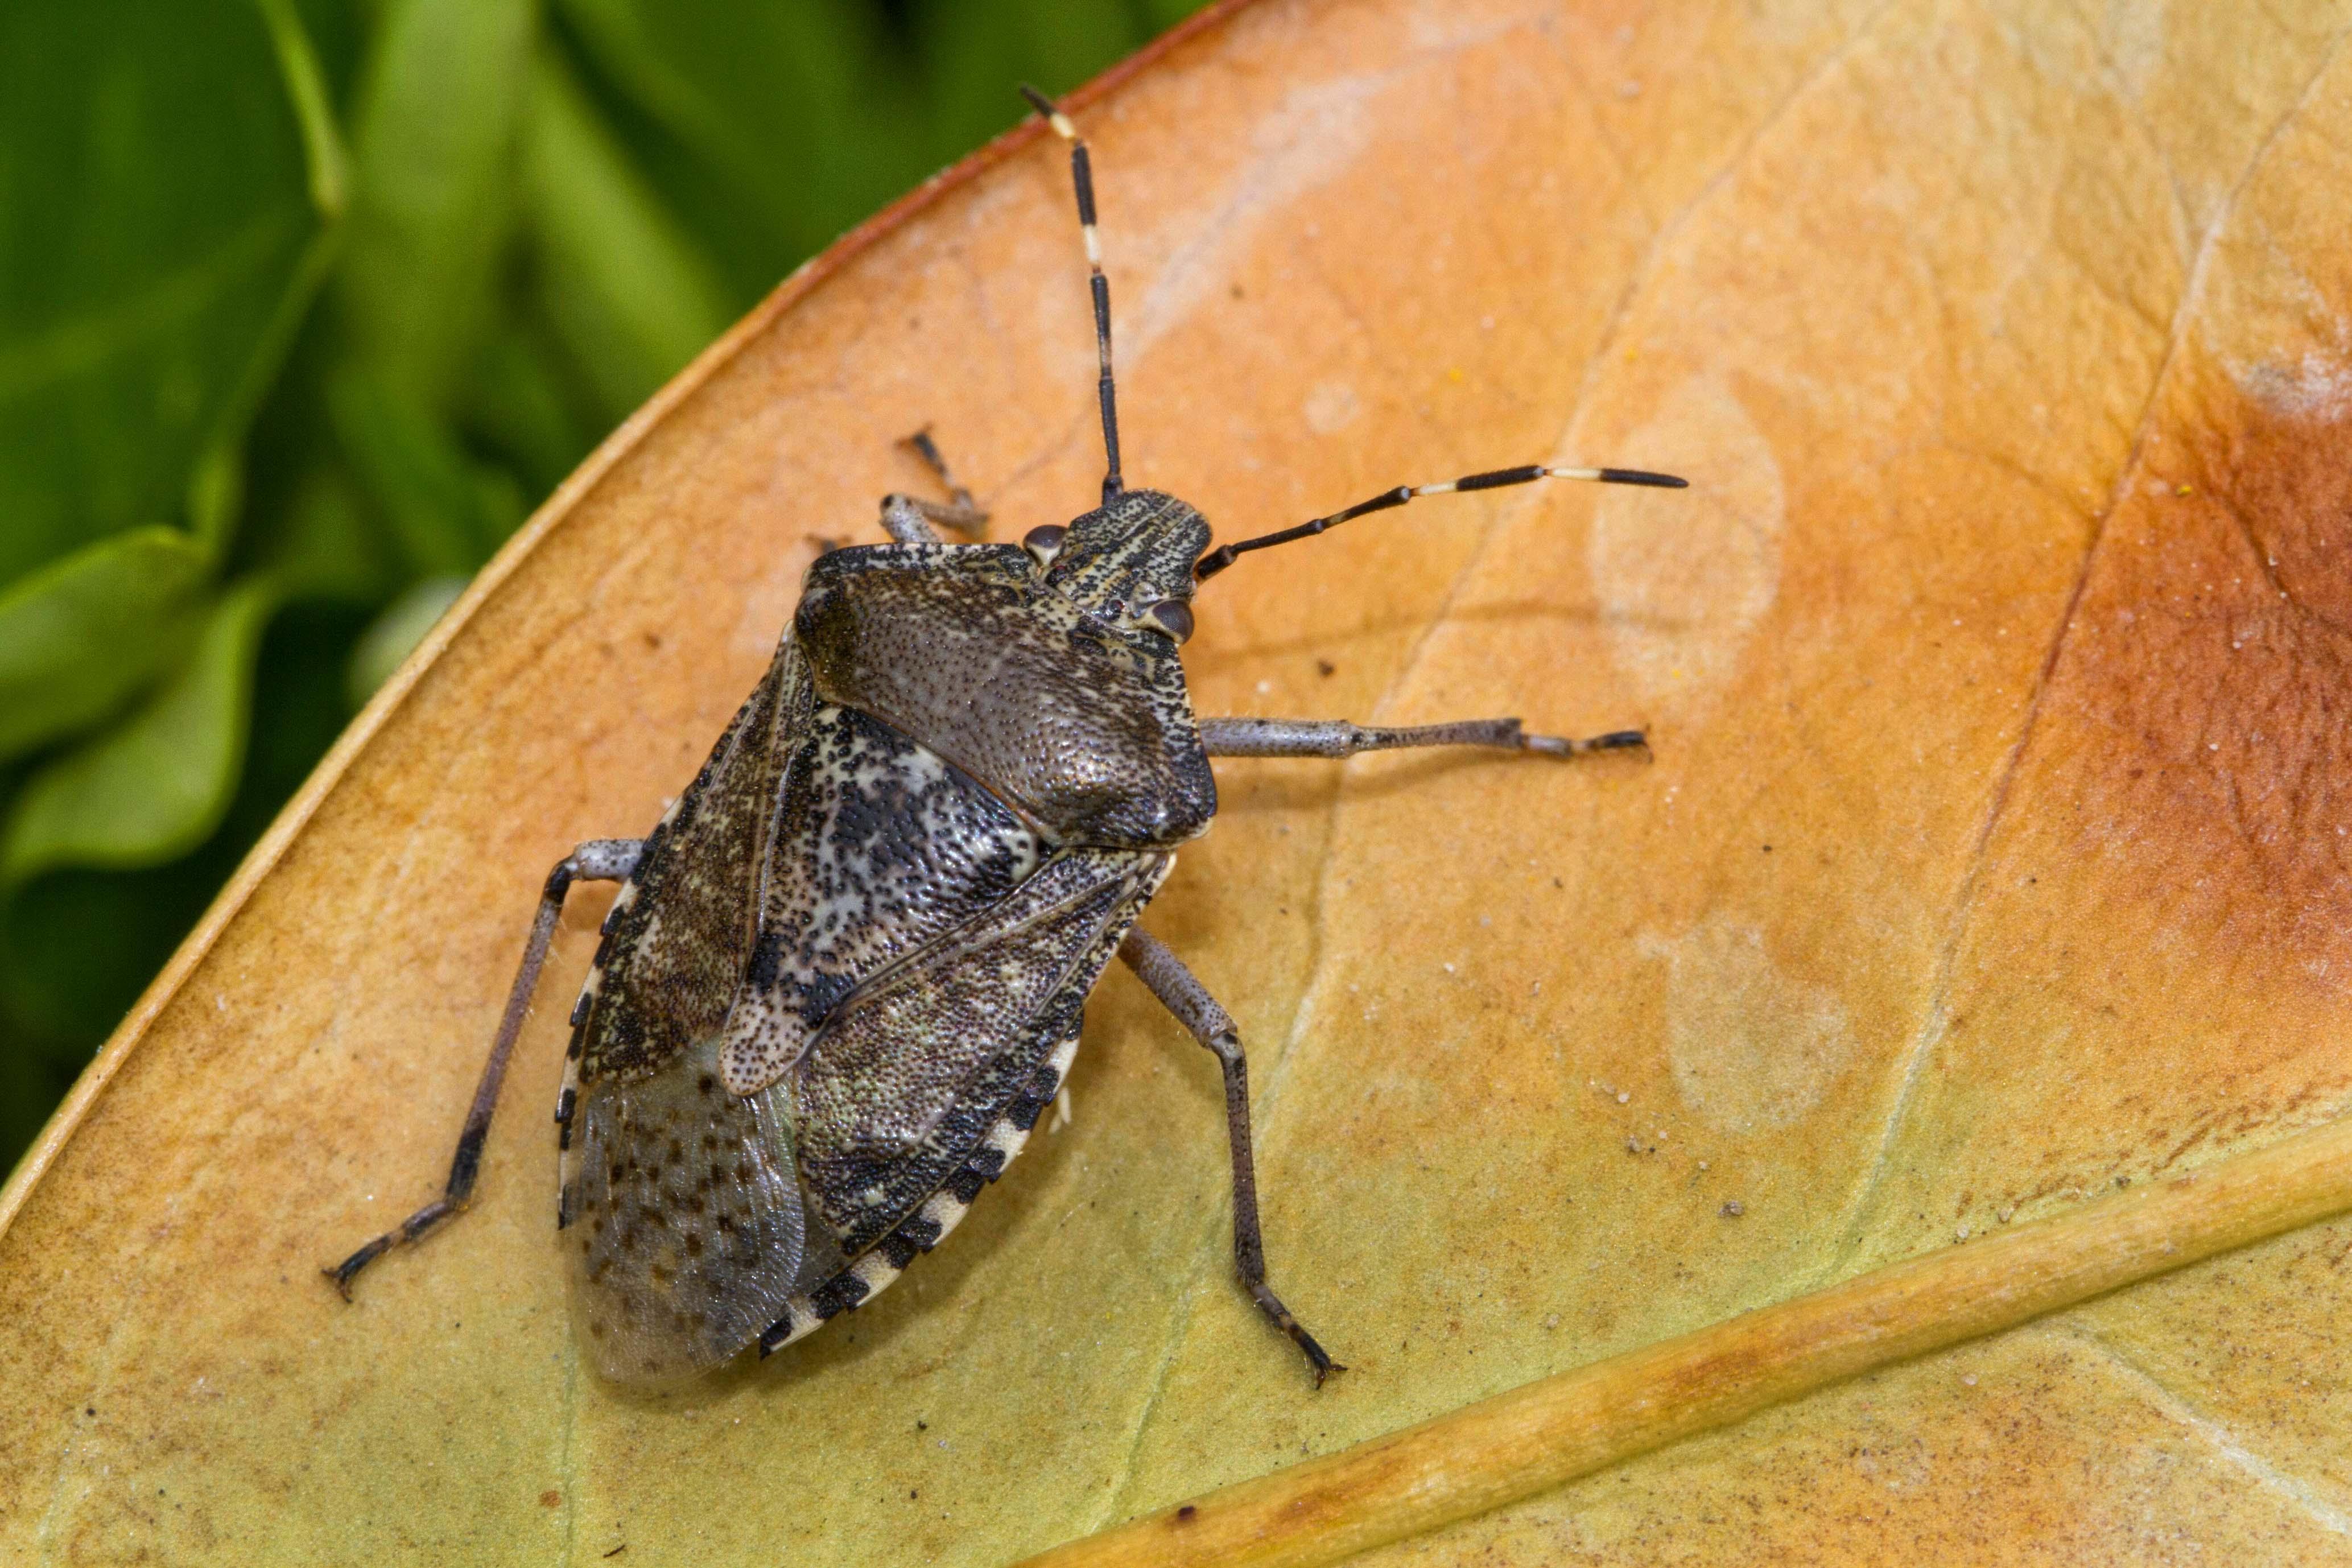 Sos cimici asiatiche al nord italia ecco come prevenirle for Cimice insetto